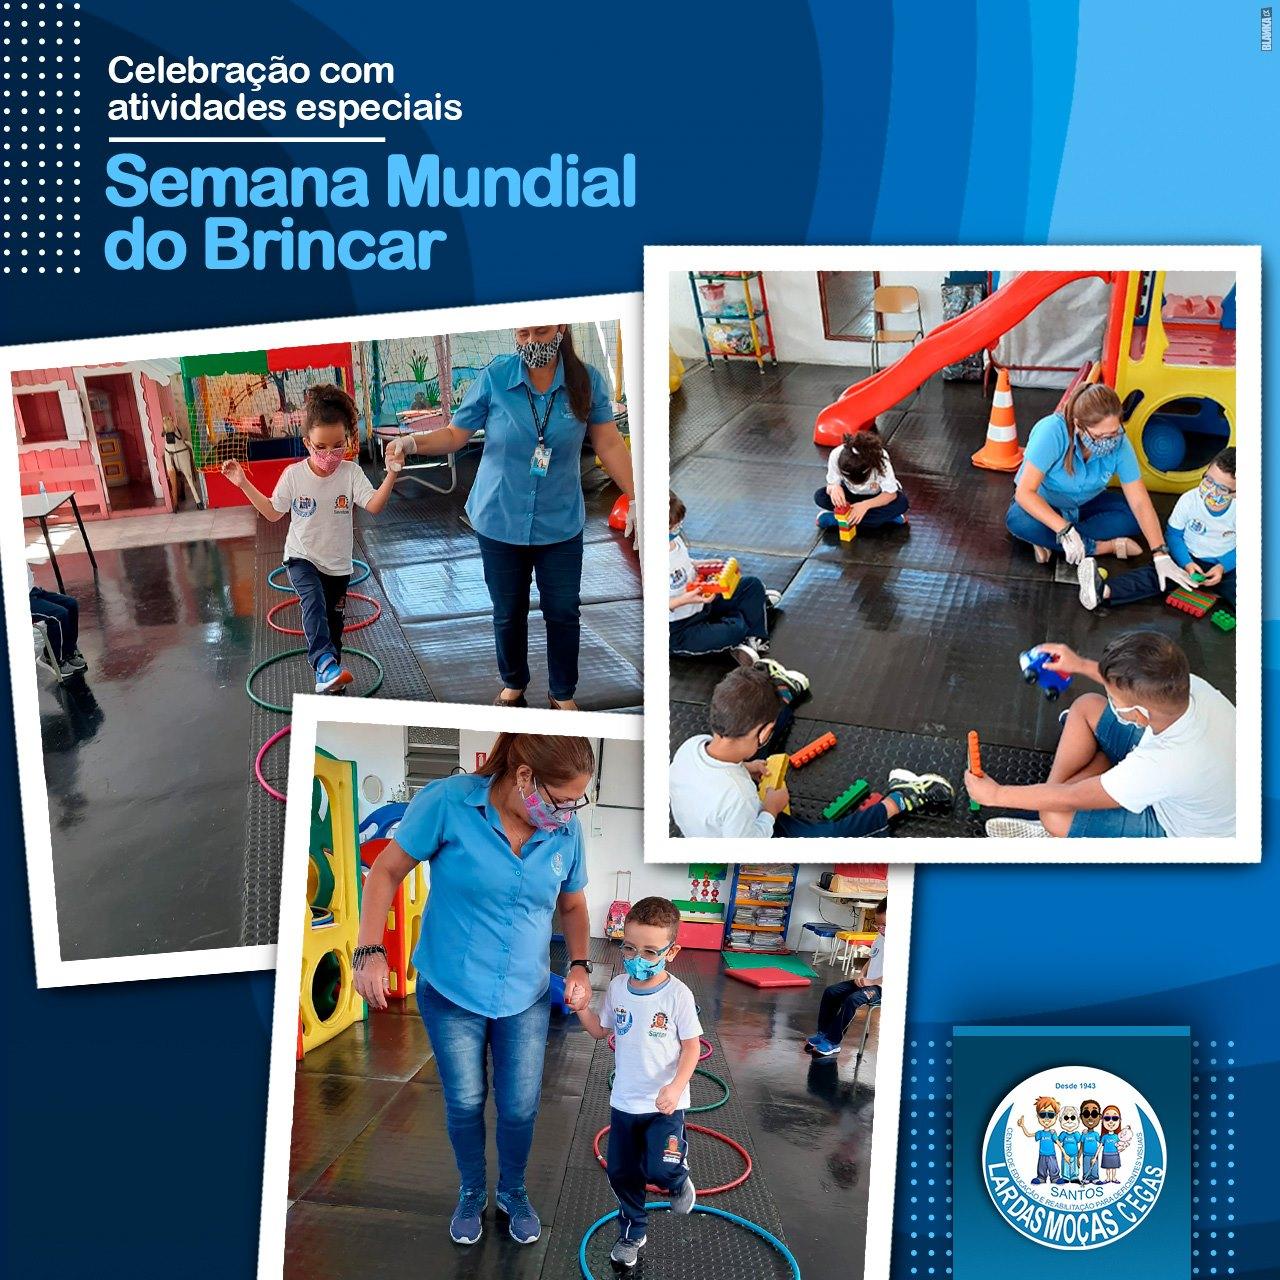 'Semana Mundial do Brincar' é celebrado com atividades especiais para os pequenos assistidos do Lar